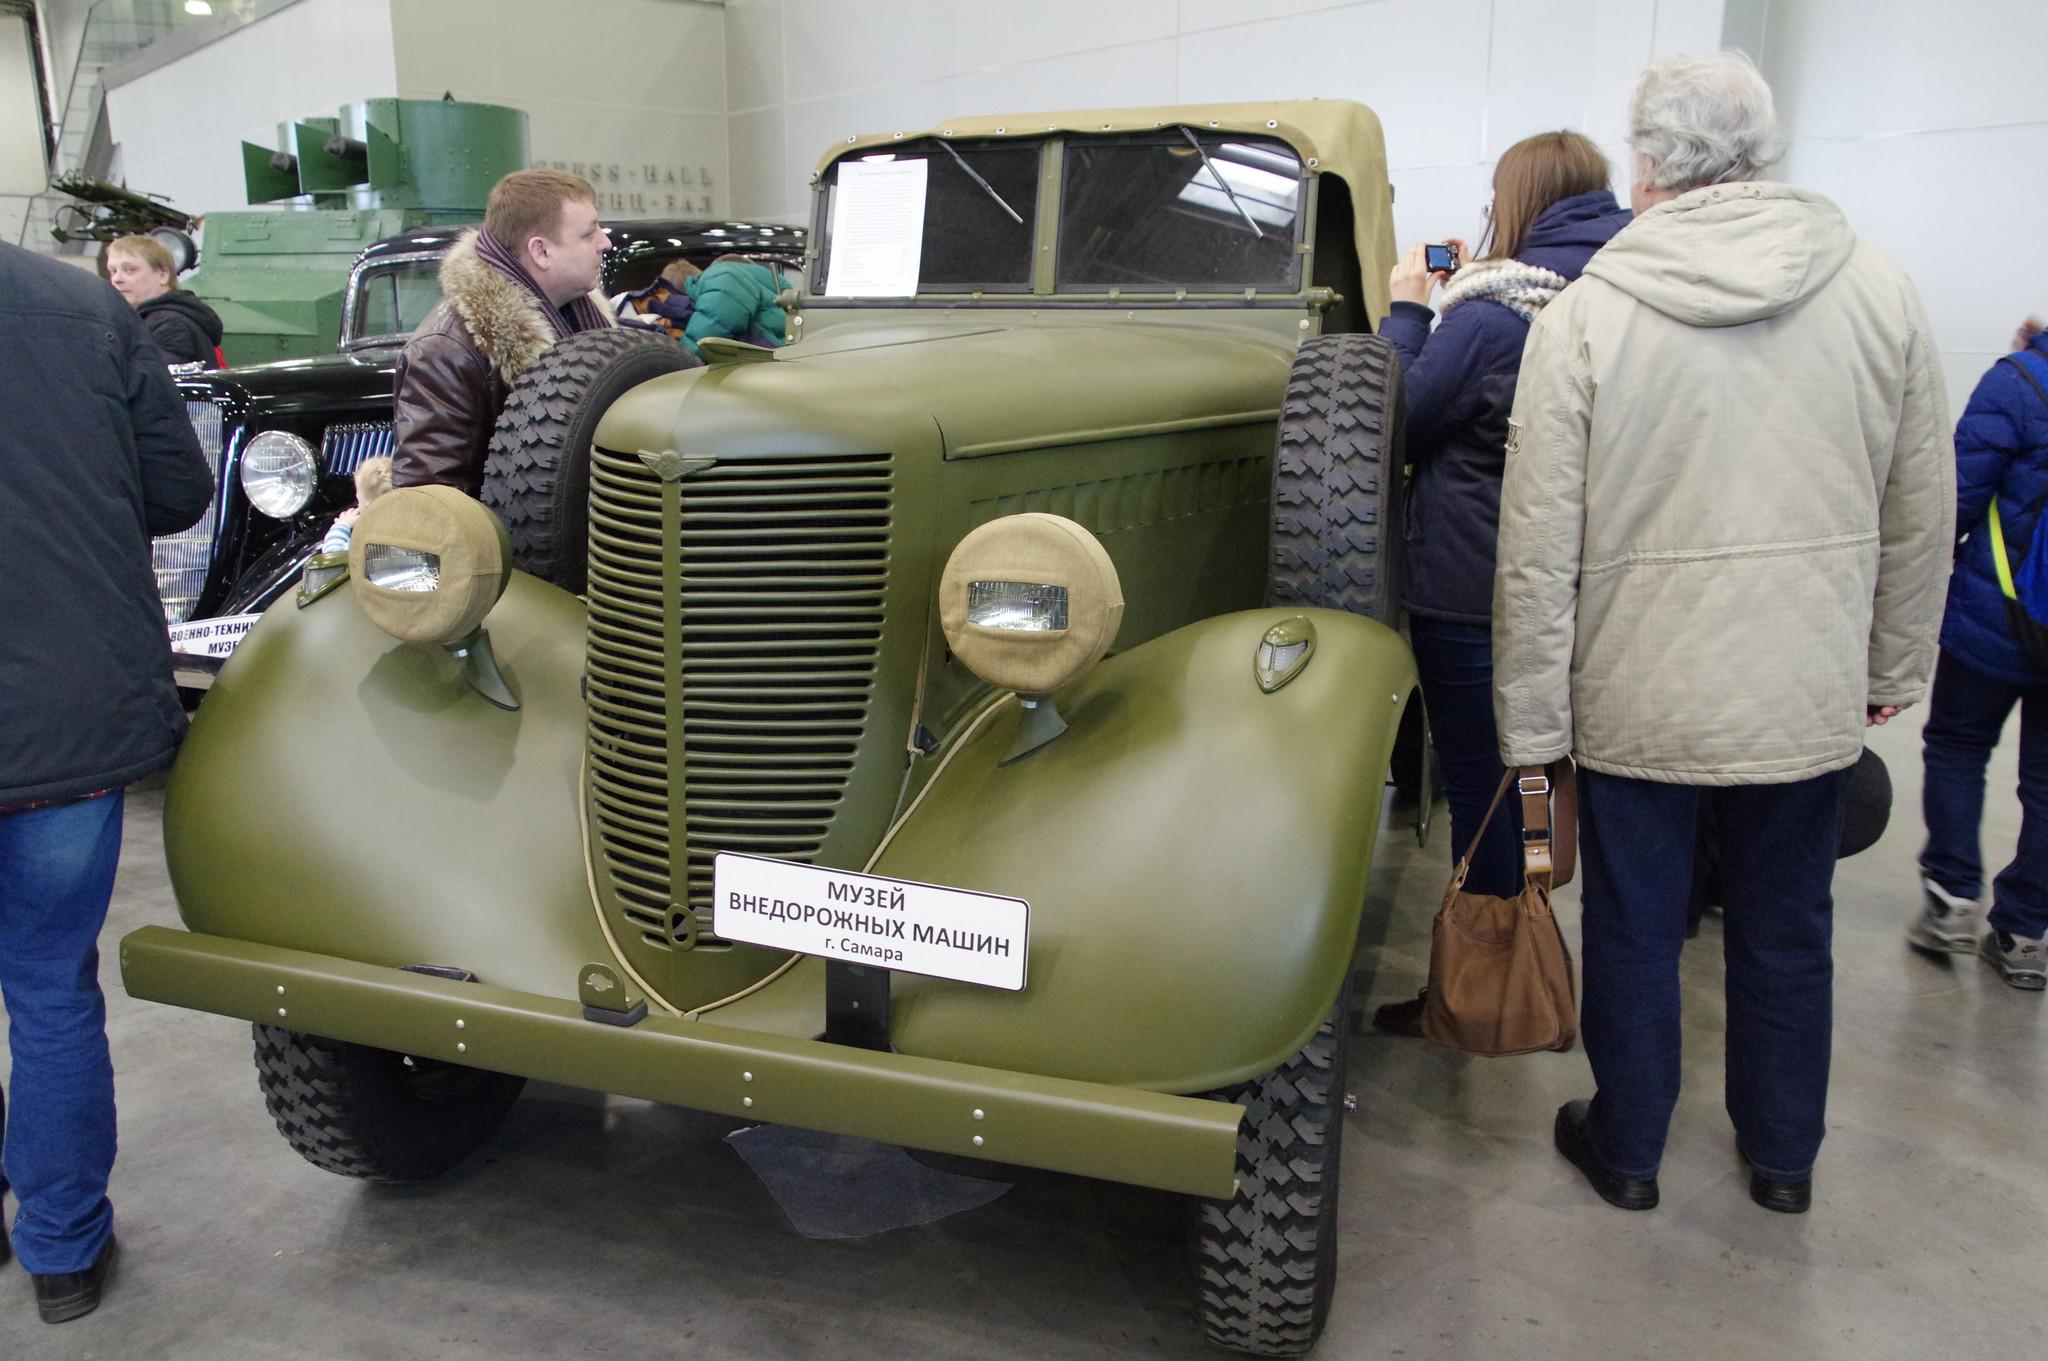 Артиллерийский тягач ГАЗ-61-416